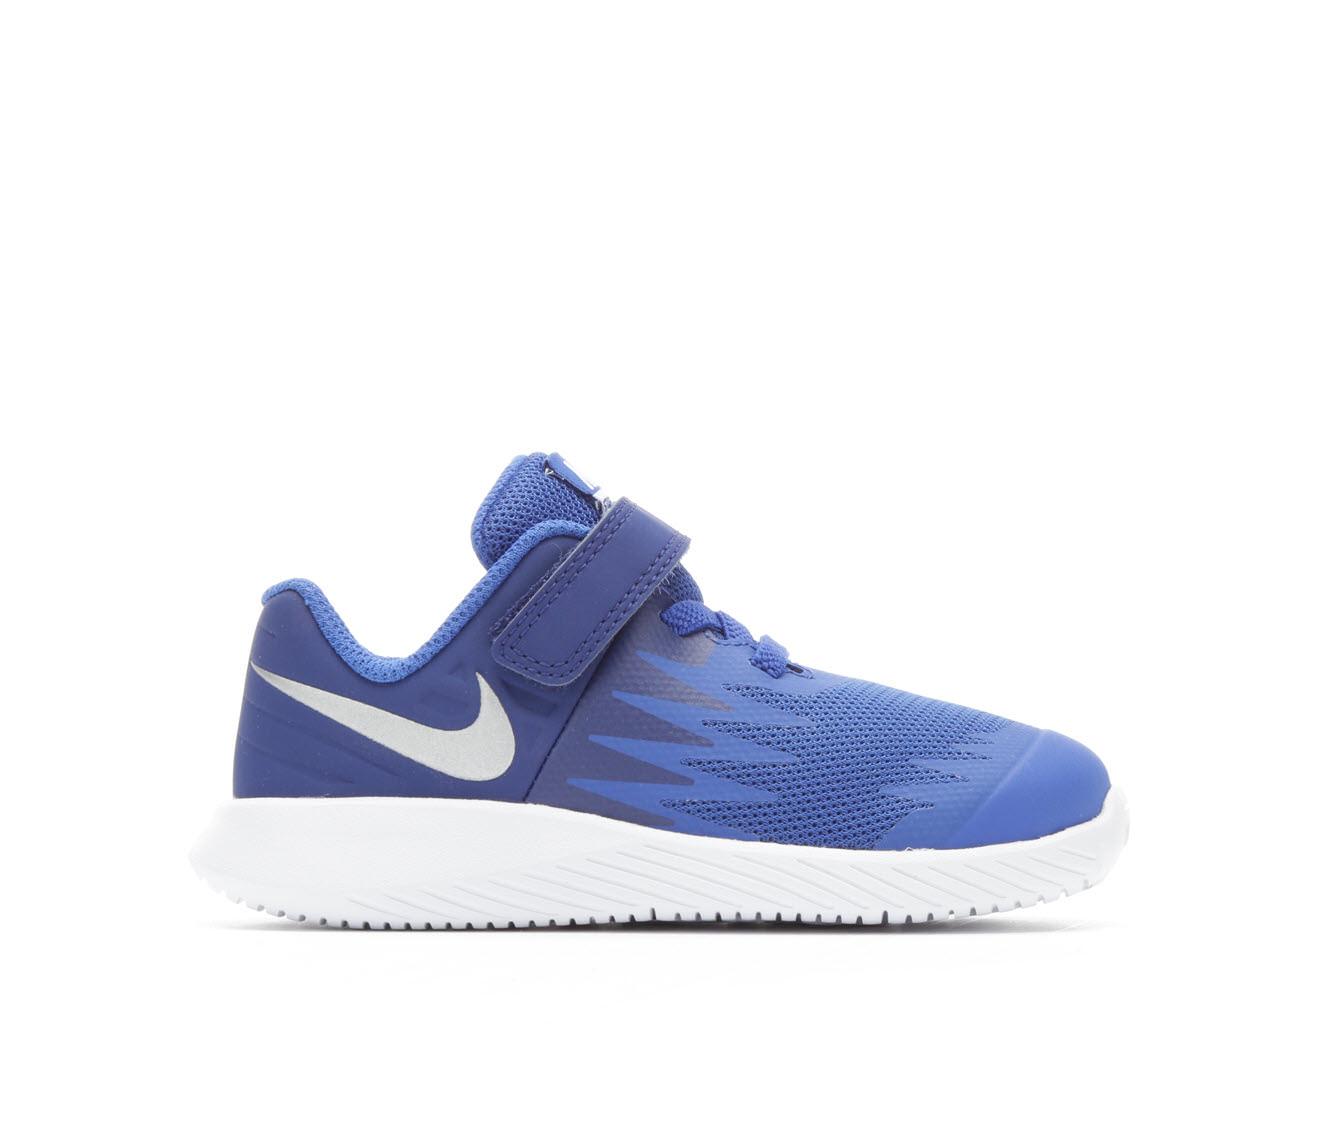 Boys' Nike Infant Star Runner Running Shoes (Blue)